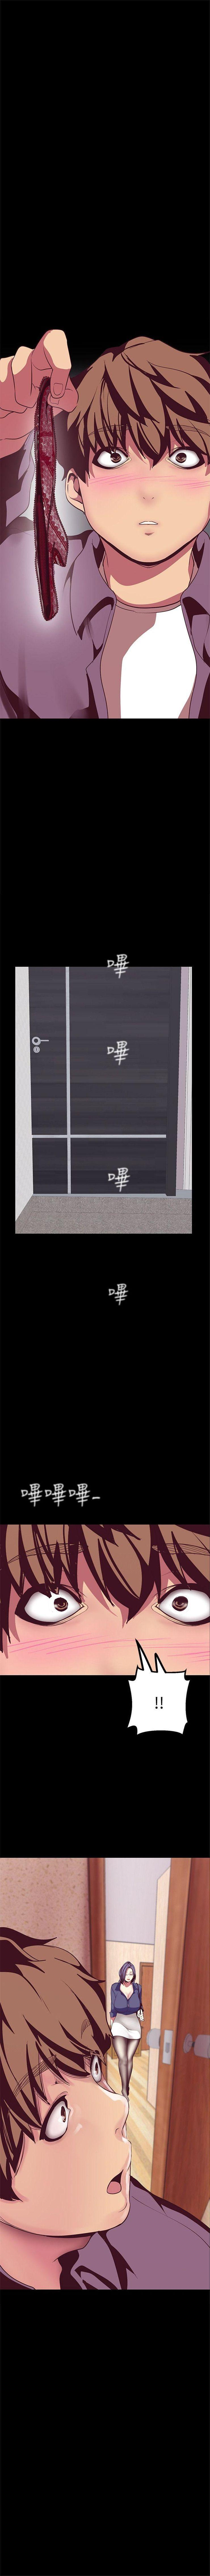 美麗新世界 1-85 官方中文(連載中) 142